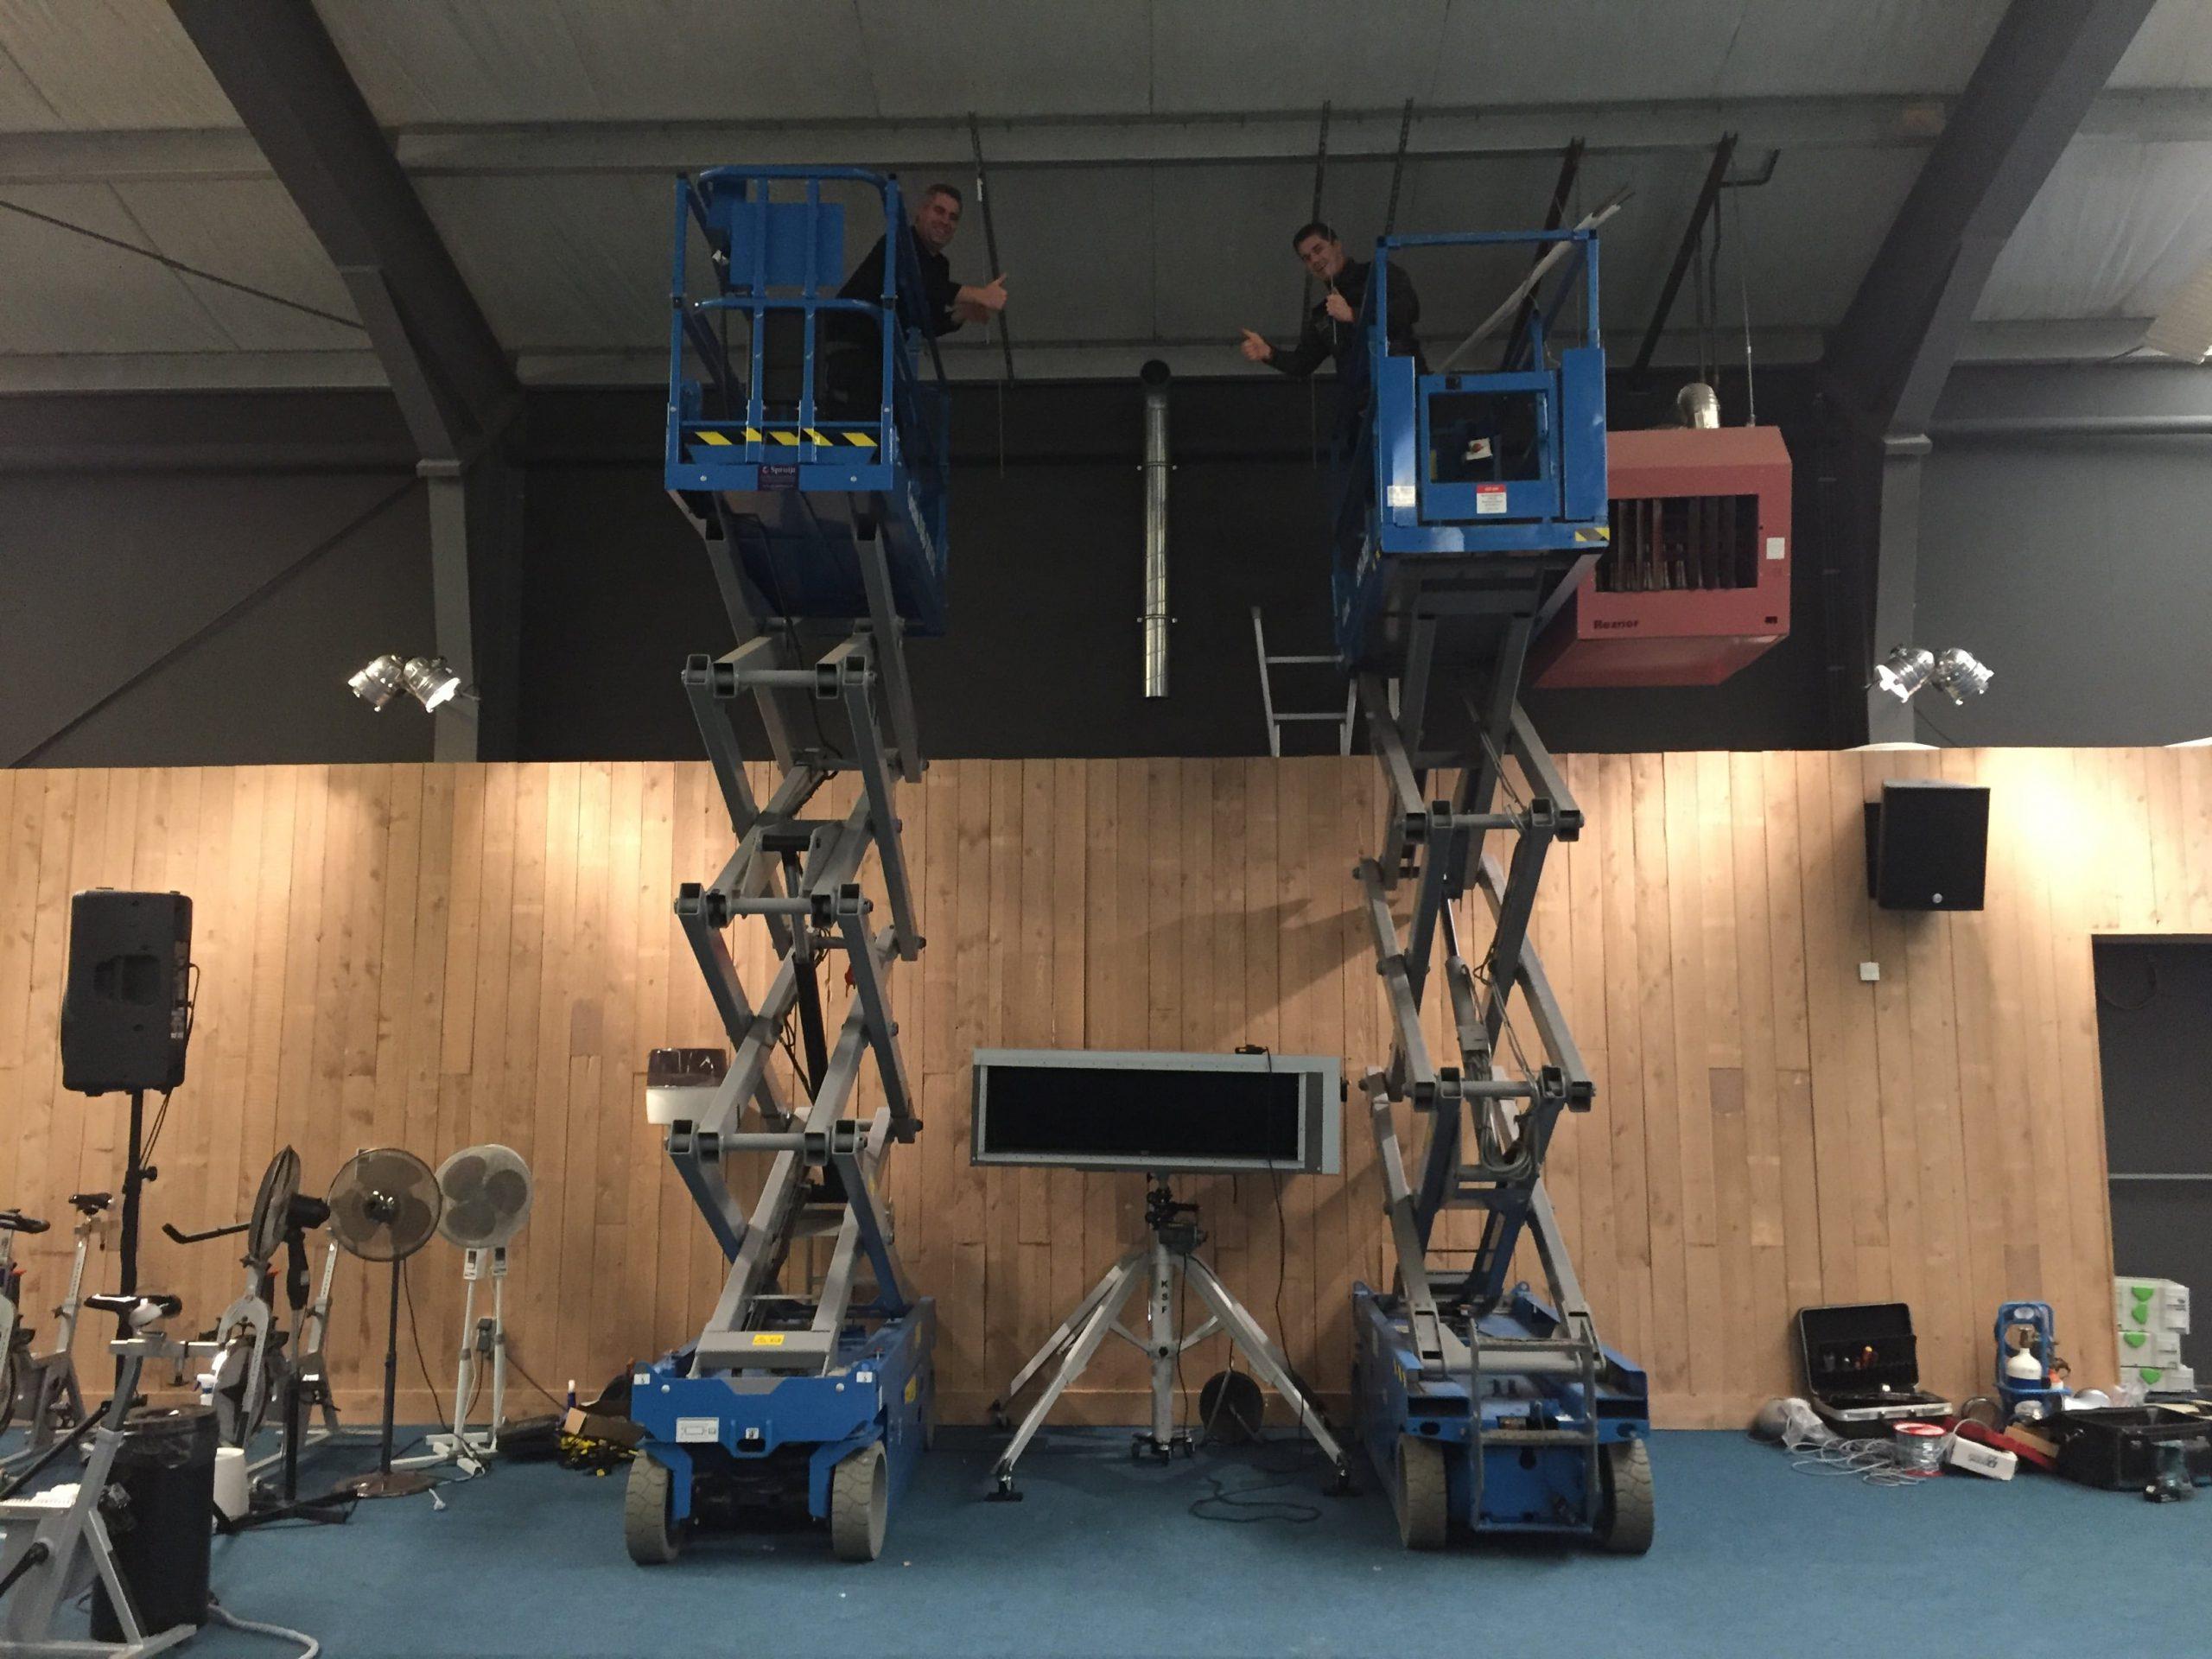 Hoogwerker Spruijt Klimaattechniek airco systeem